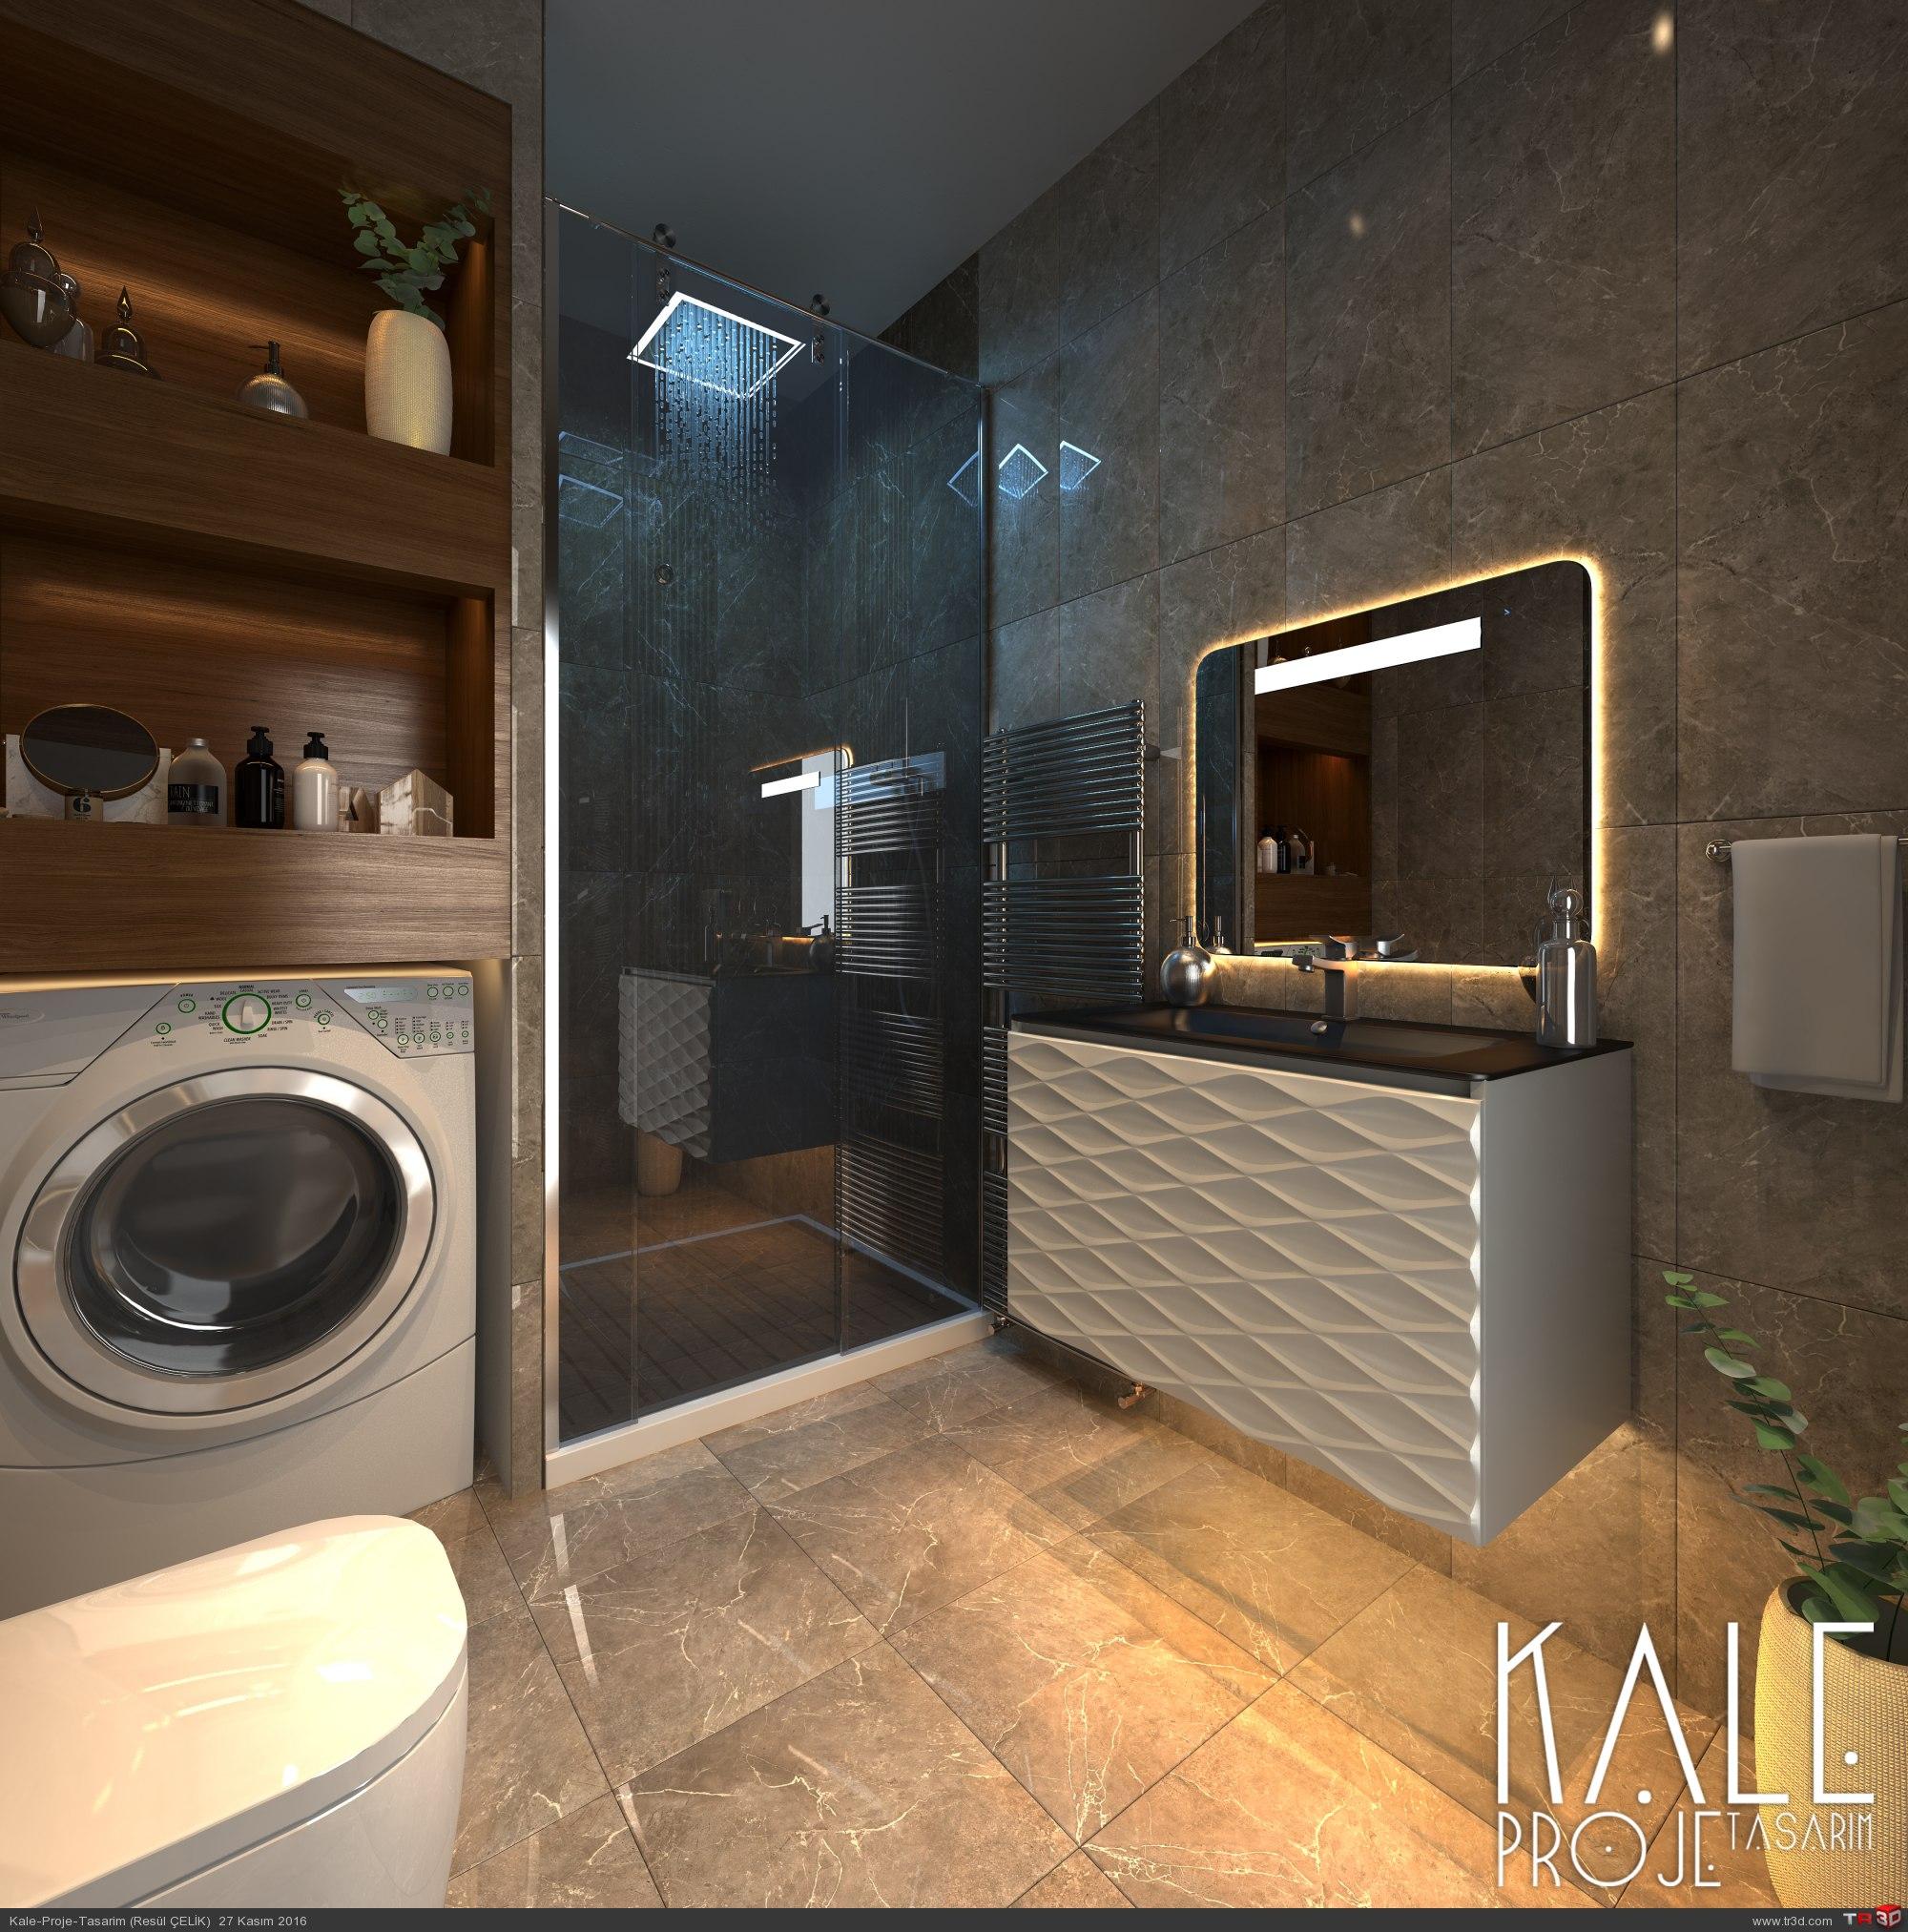 Çanakkale-2016 Banyo tasarım + render. 1